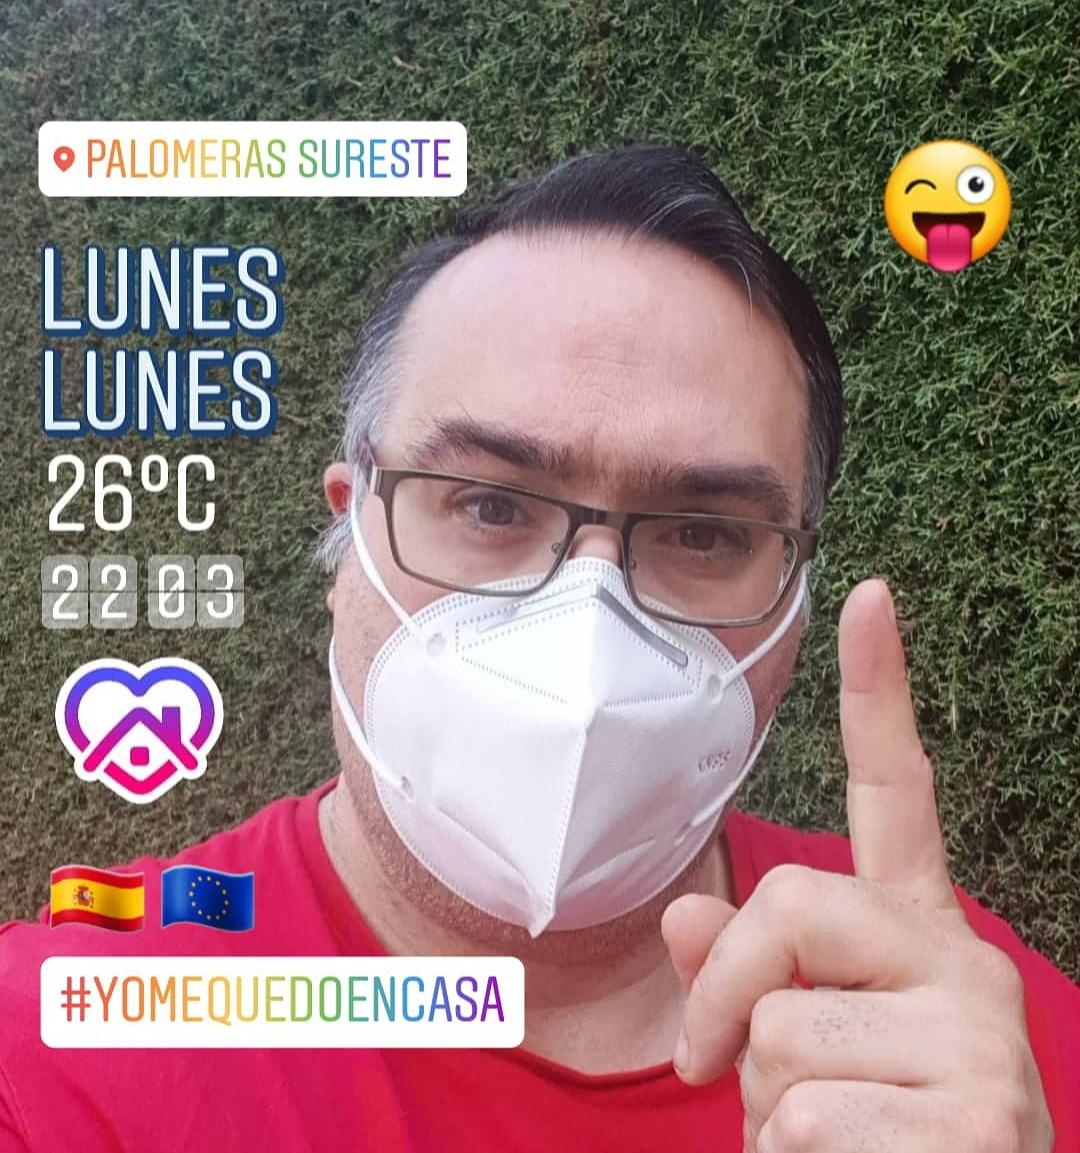 Day 114..Day 16 Nueva Normalidad.. #NuevaNormalidad #CuarentenaEnCasa #JuntosLoConseguiremos #YoMeQuedoEnCasa!!! 📱☀️🤗📅👀😷🚶♂️🏃♂️💪🙆♂️👏 https://t.co/l1JPjrf3I0